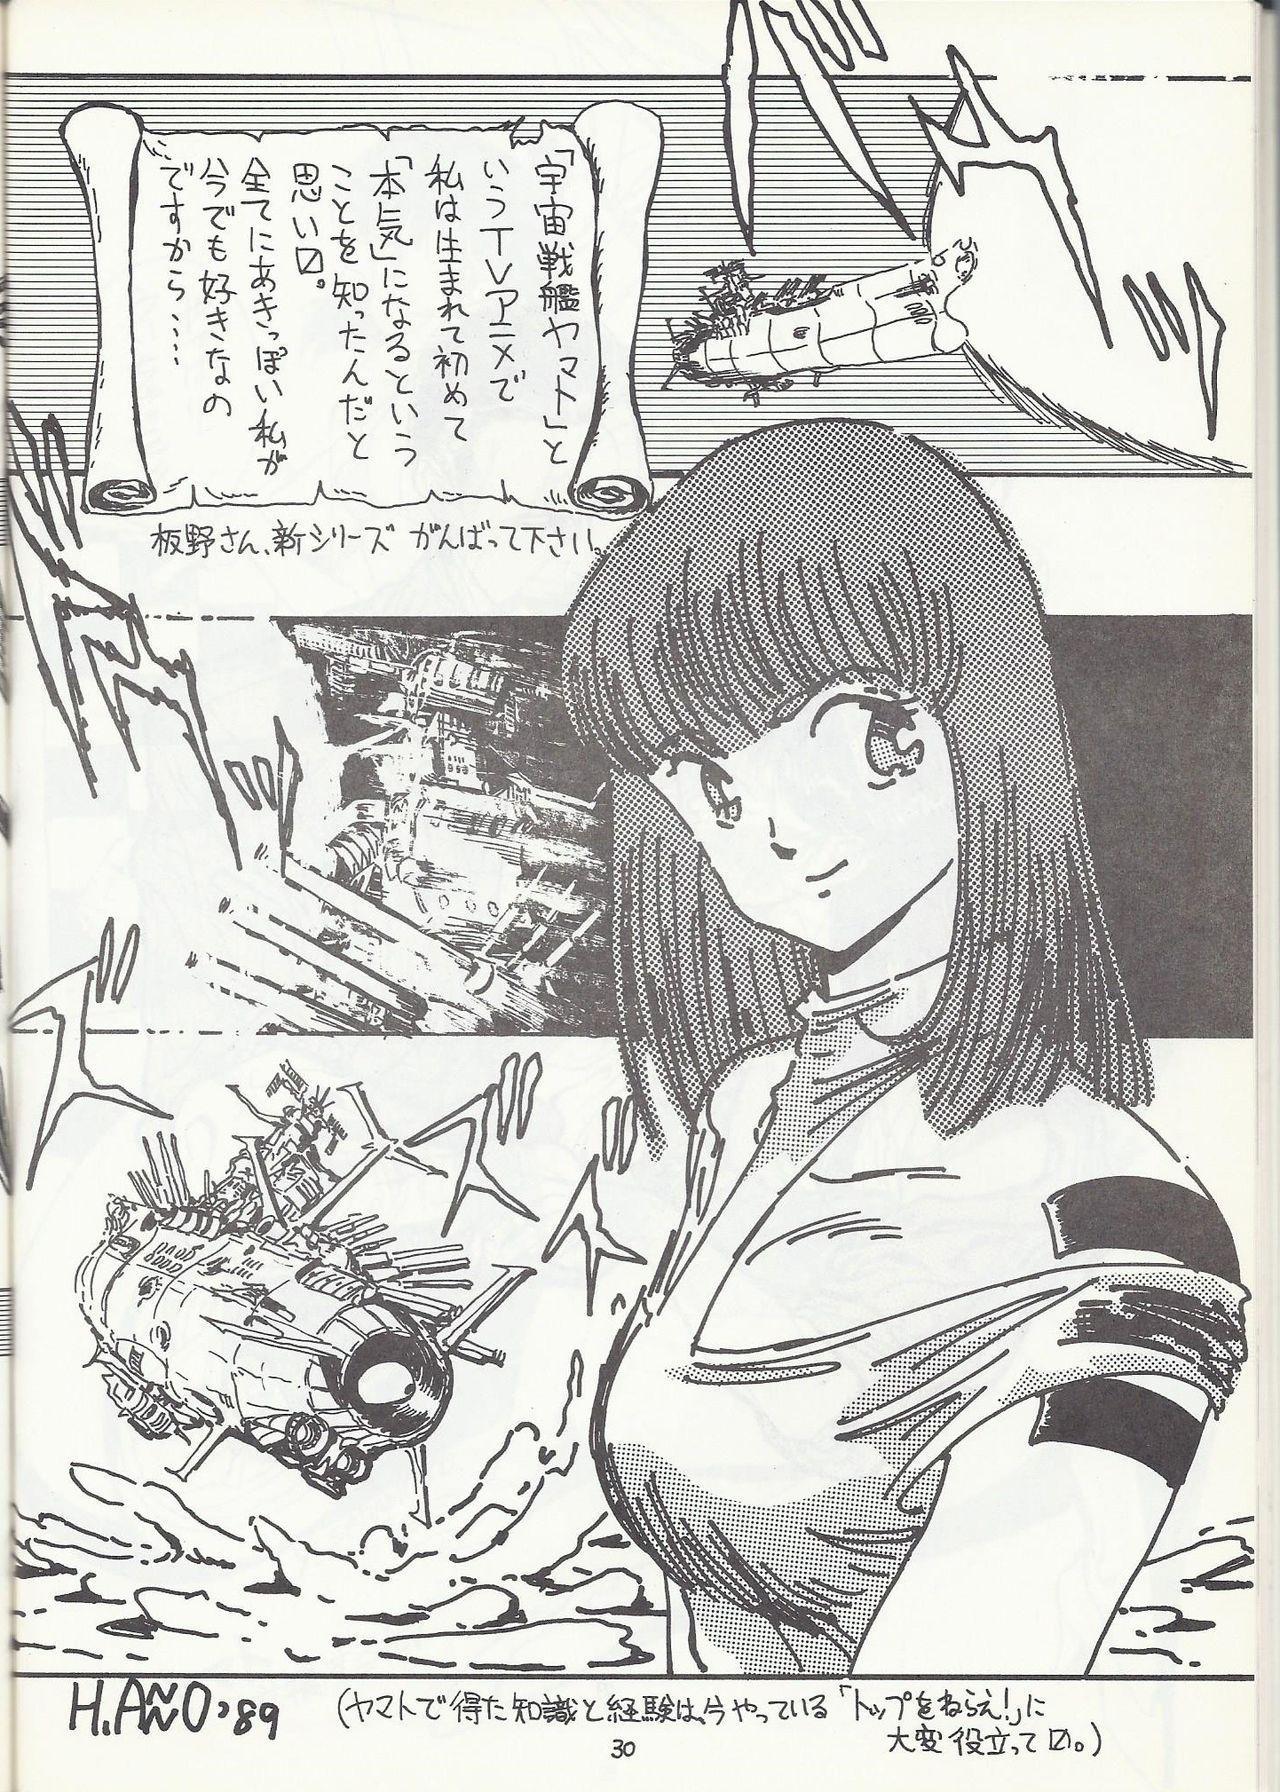 Studio DAST - SASA-NISHIKI SUPER-BLEND. 001. 29